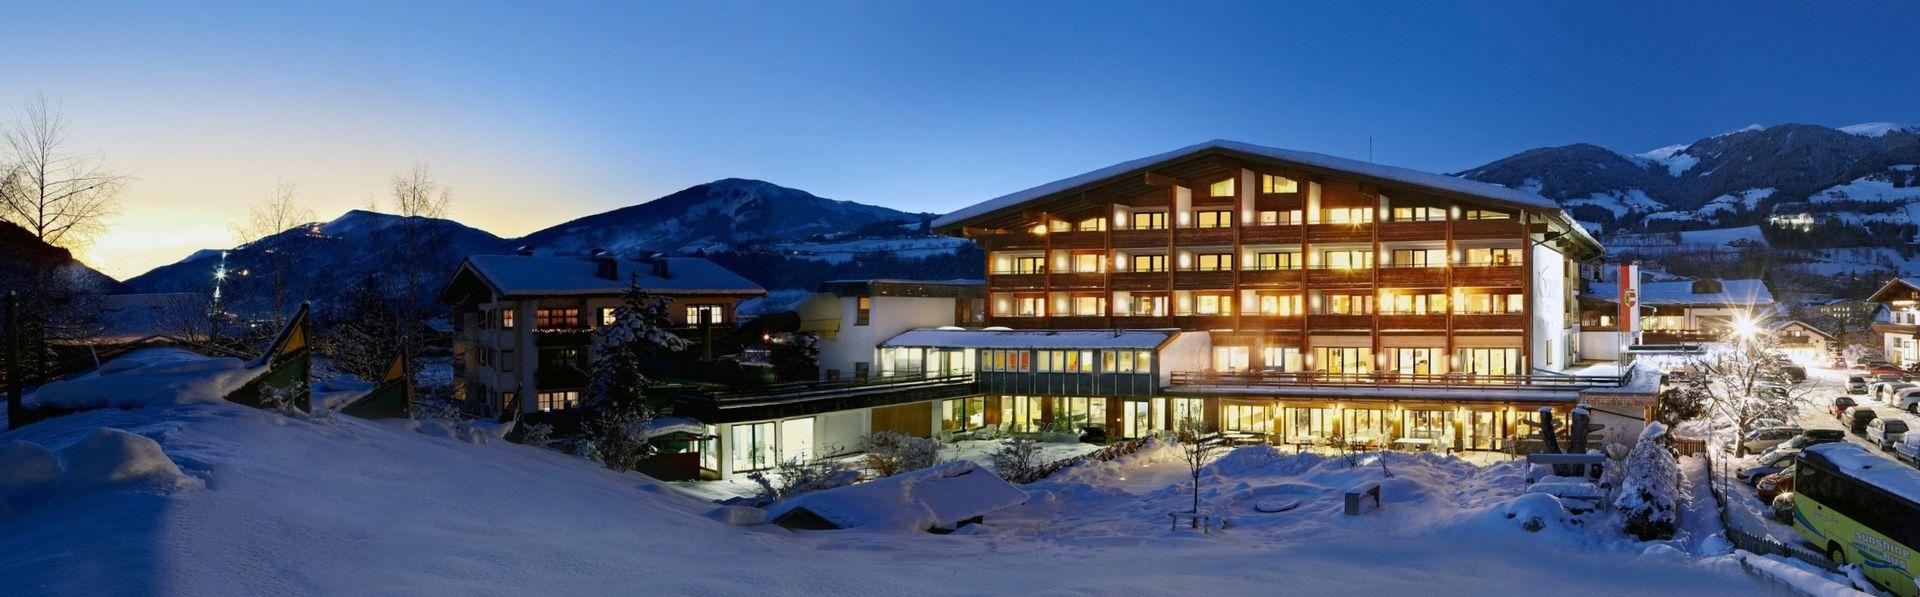 Luxury Hotel Sporthotel Kogler Mittersill J2ski